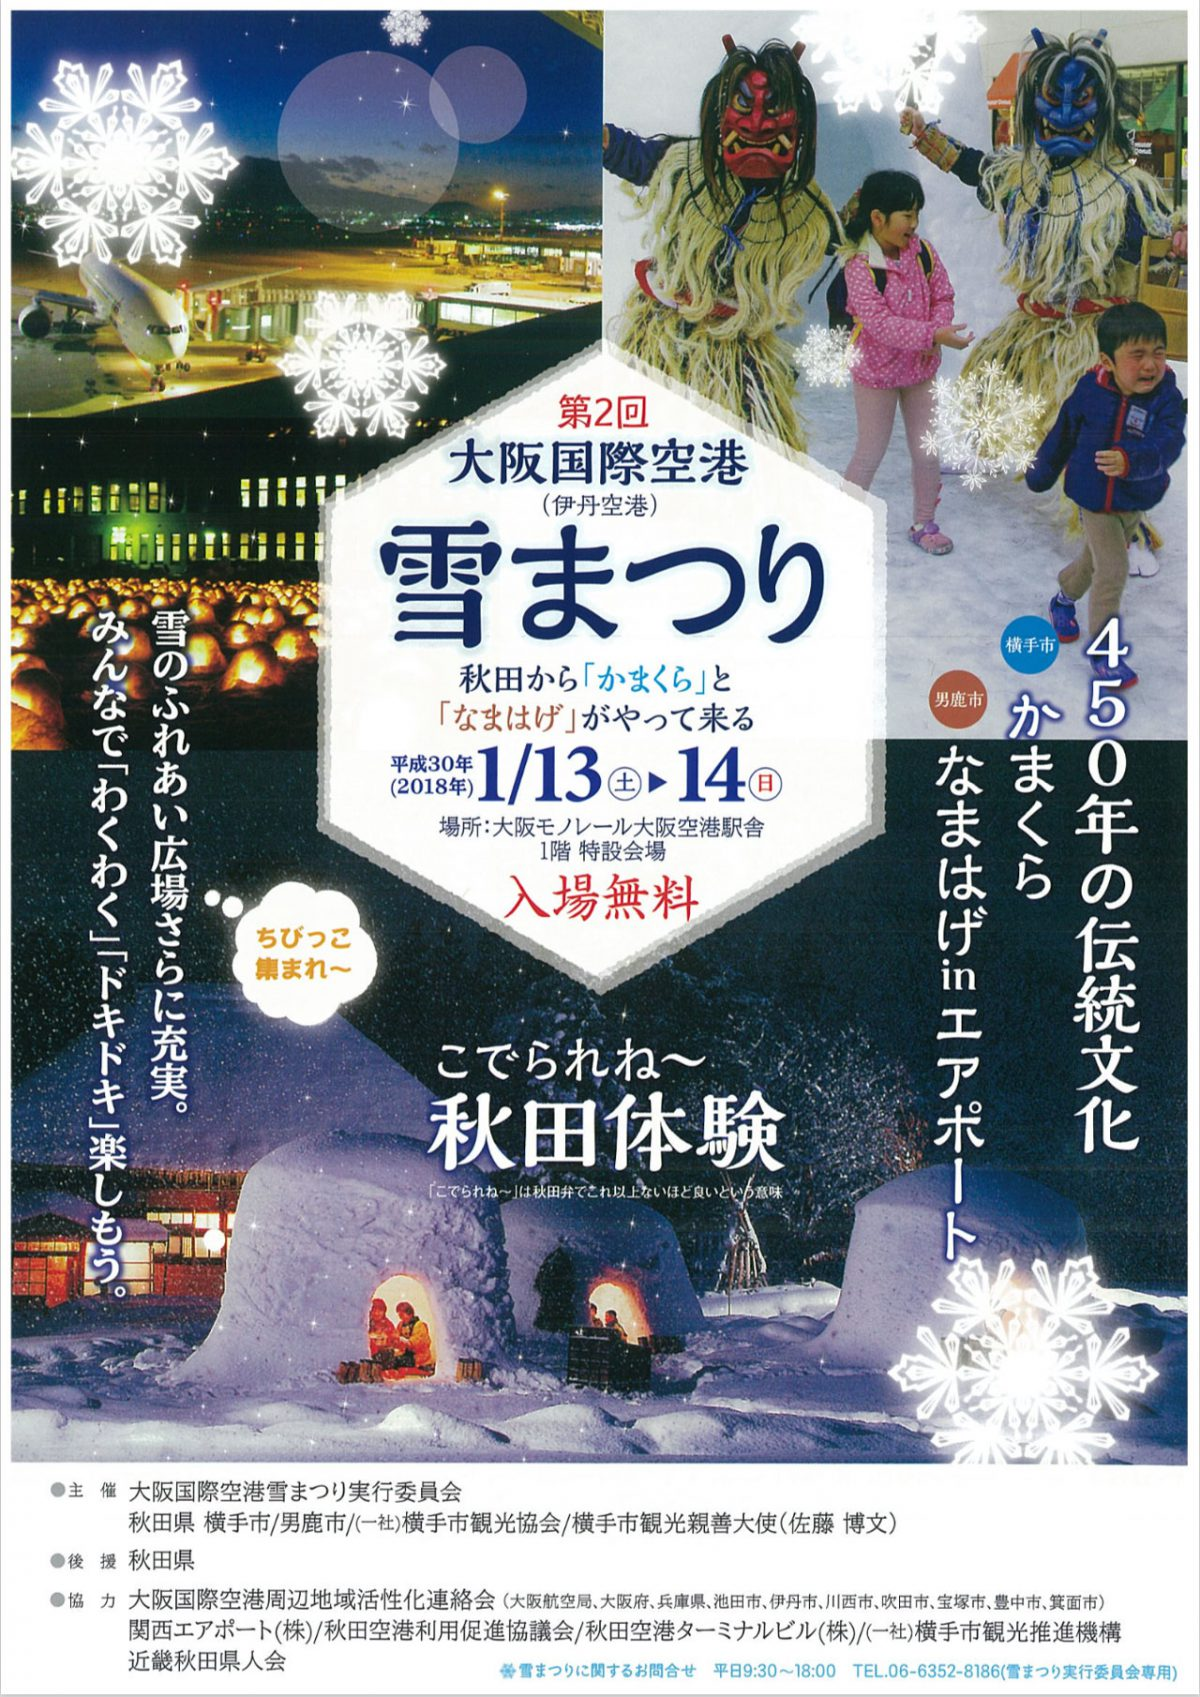 秋田から「かまくら」と「なまはげ」が大阪国際空港にやってくる!雪まつり開催♪